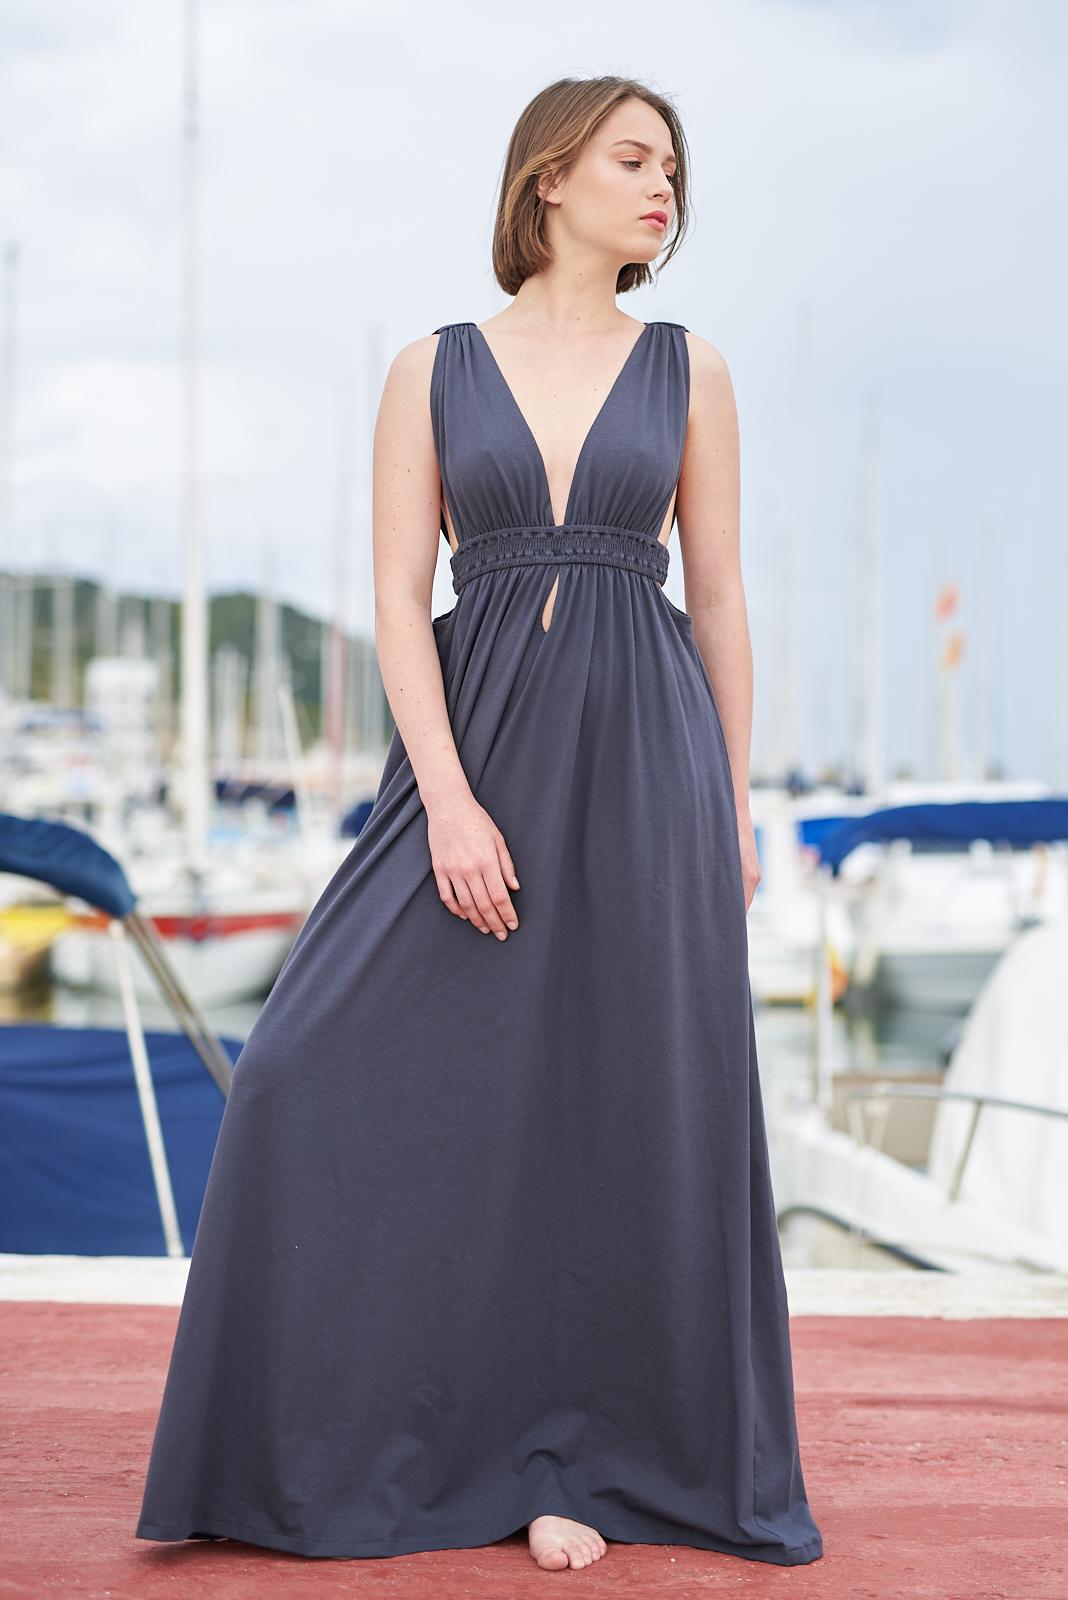 Vestido gris largo con escote pronunciado de Isabelas Bcn